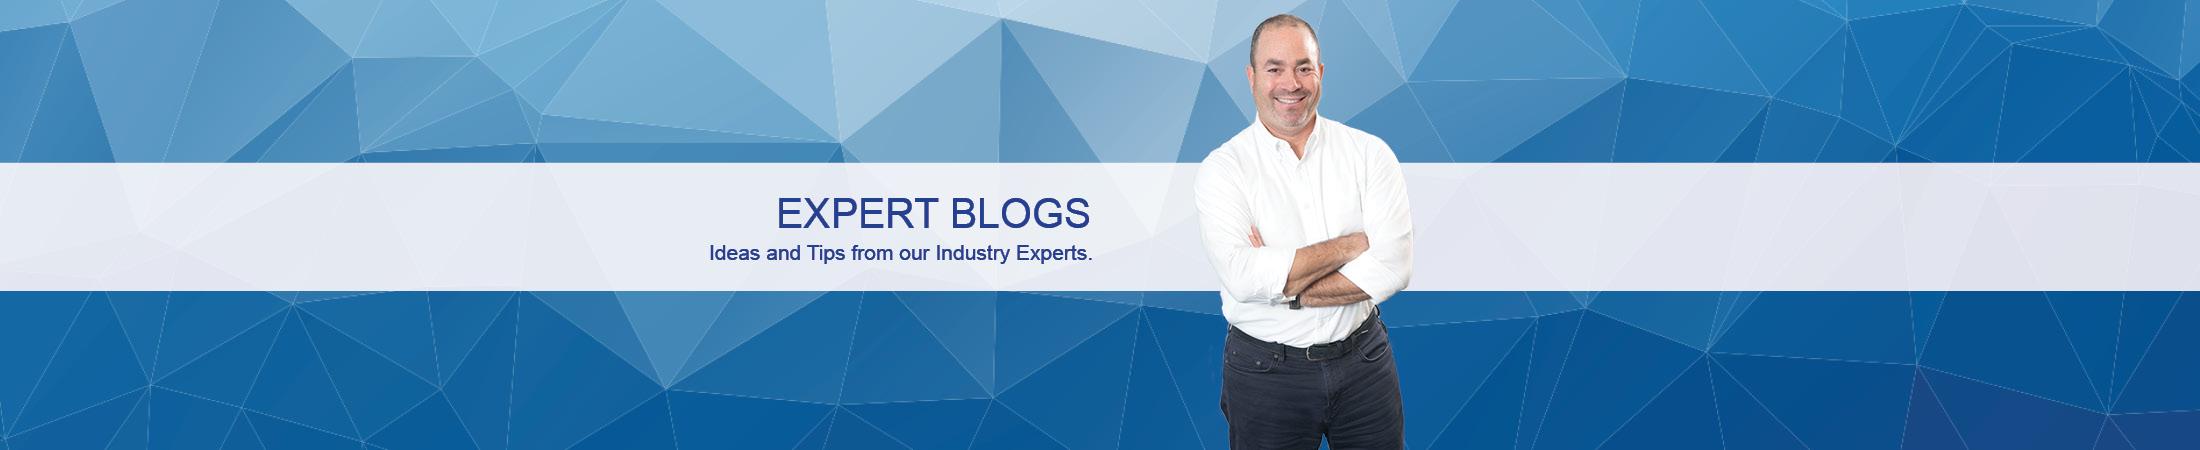 Expert Blogs